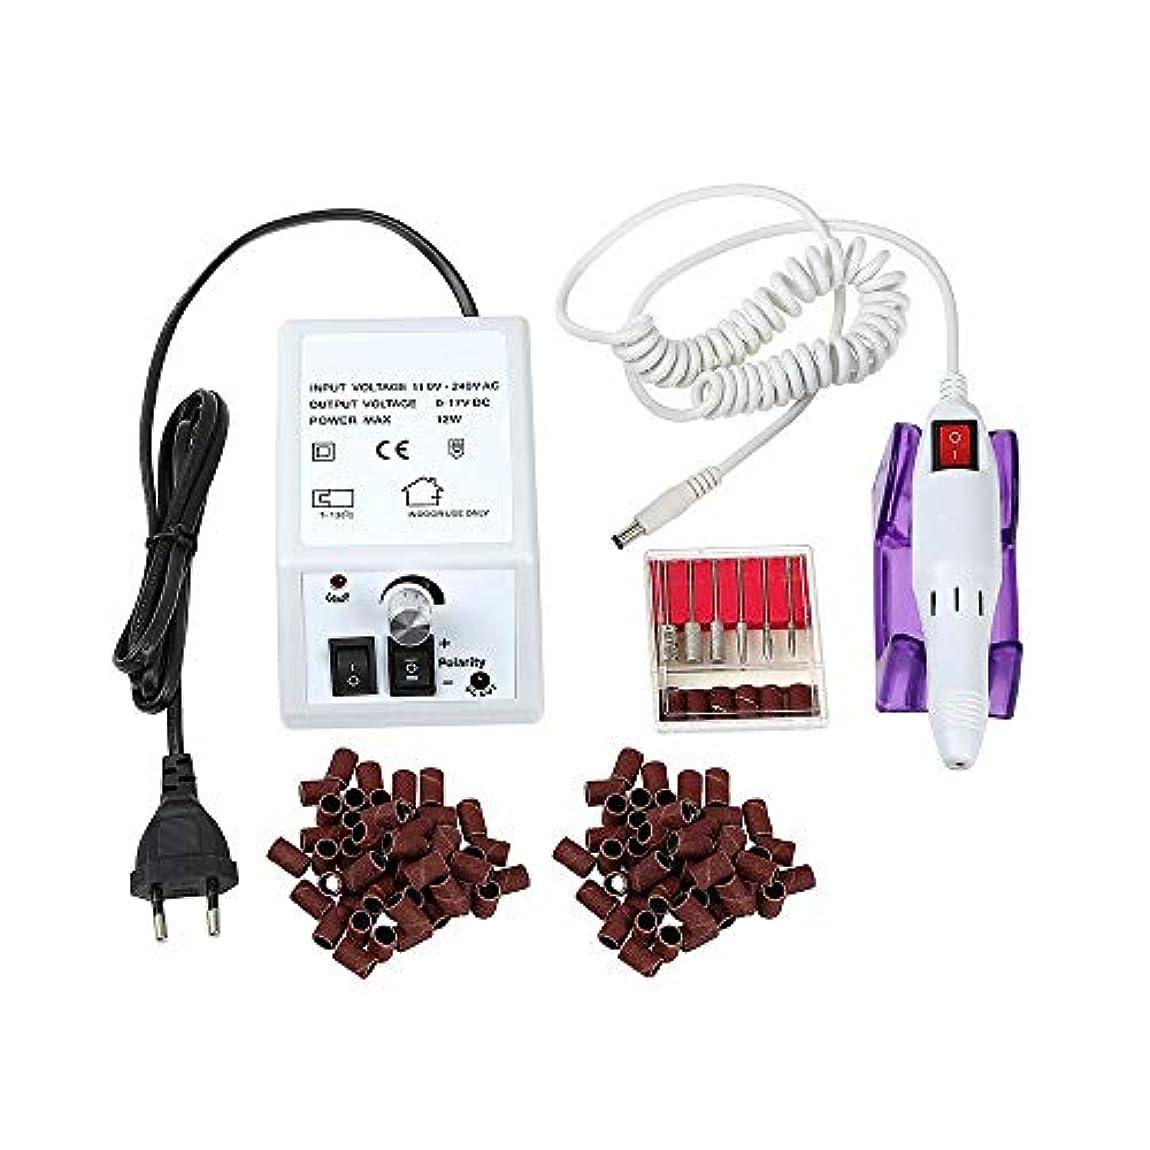 潮険しいスキム電気ネイルドリルマシン、20000RPMポータブルネイルドリルマシン、マニキュアとペディキュア用のネイルポリッシャーセット付きの電気ネイルファイルセット